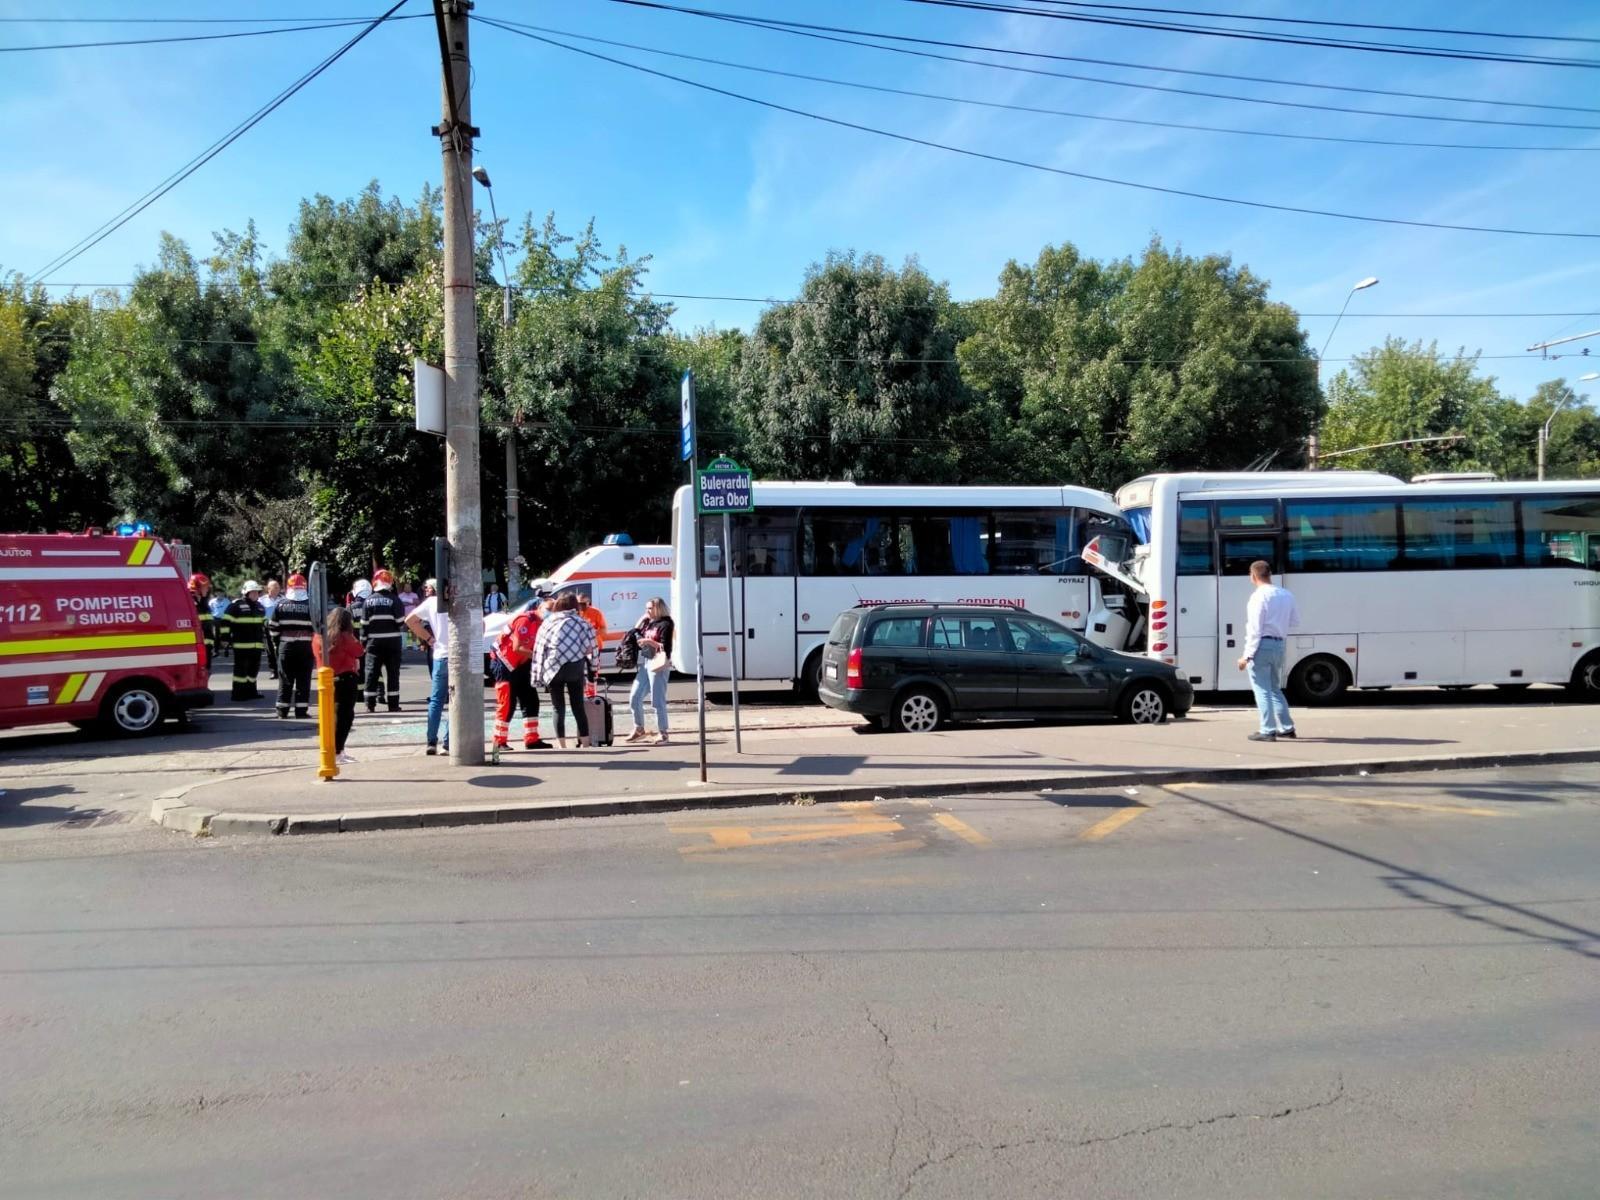 Un şofer de autobuz a făcut infarct la volan şi a provocat un accident, în Capitală. 10 oameni au ajuns la spital